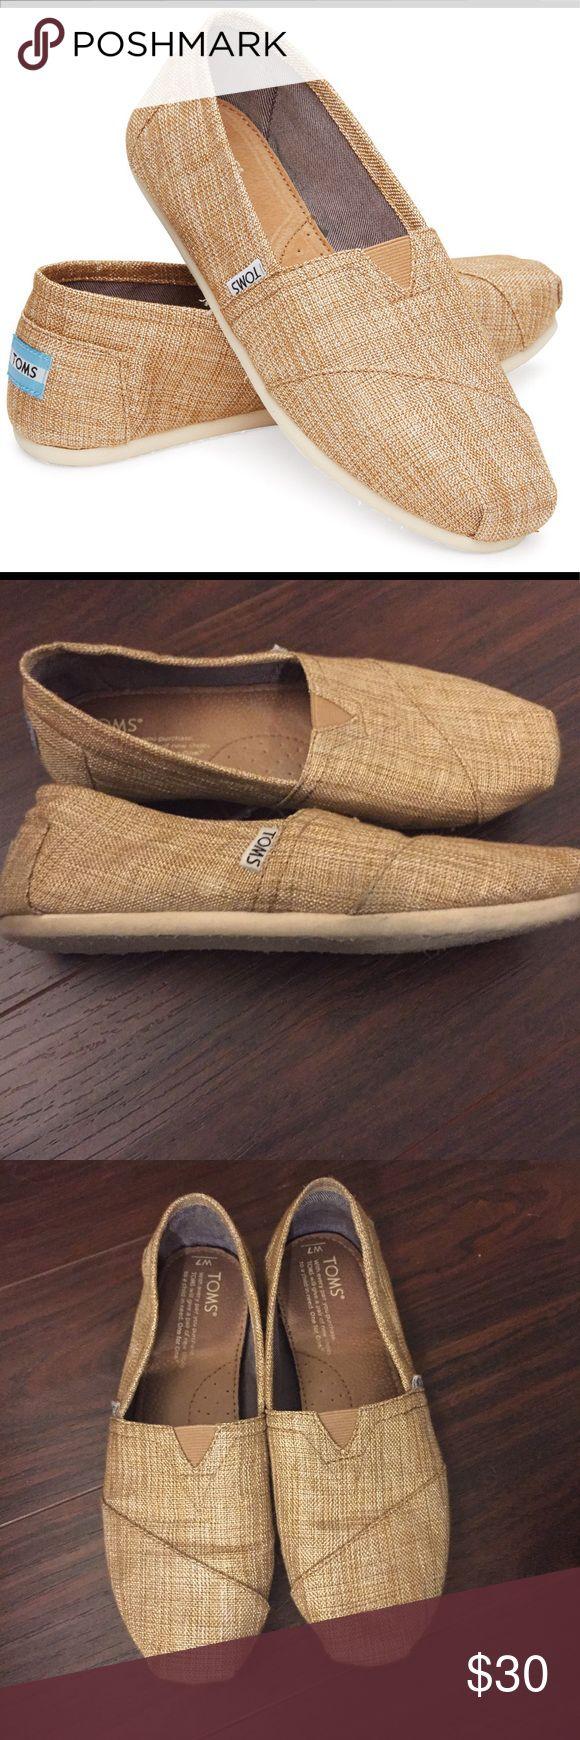 Toms Shiny Burlap Classic Shoes Women's size 7